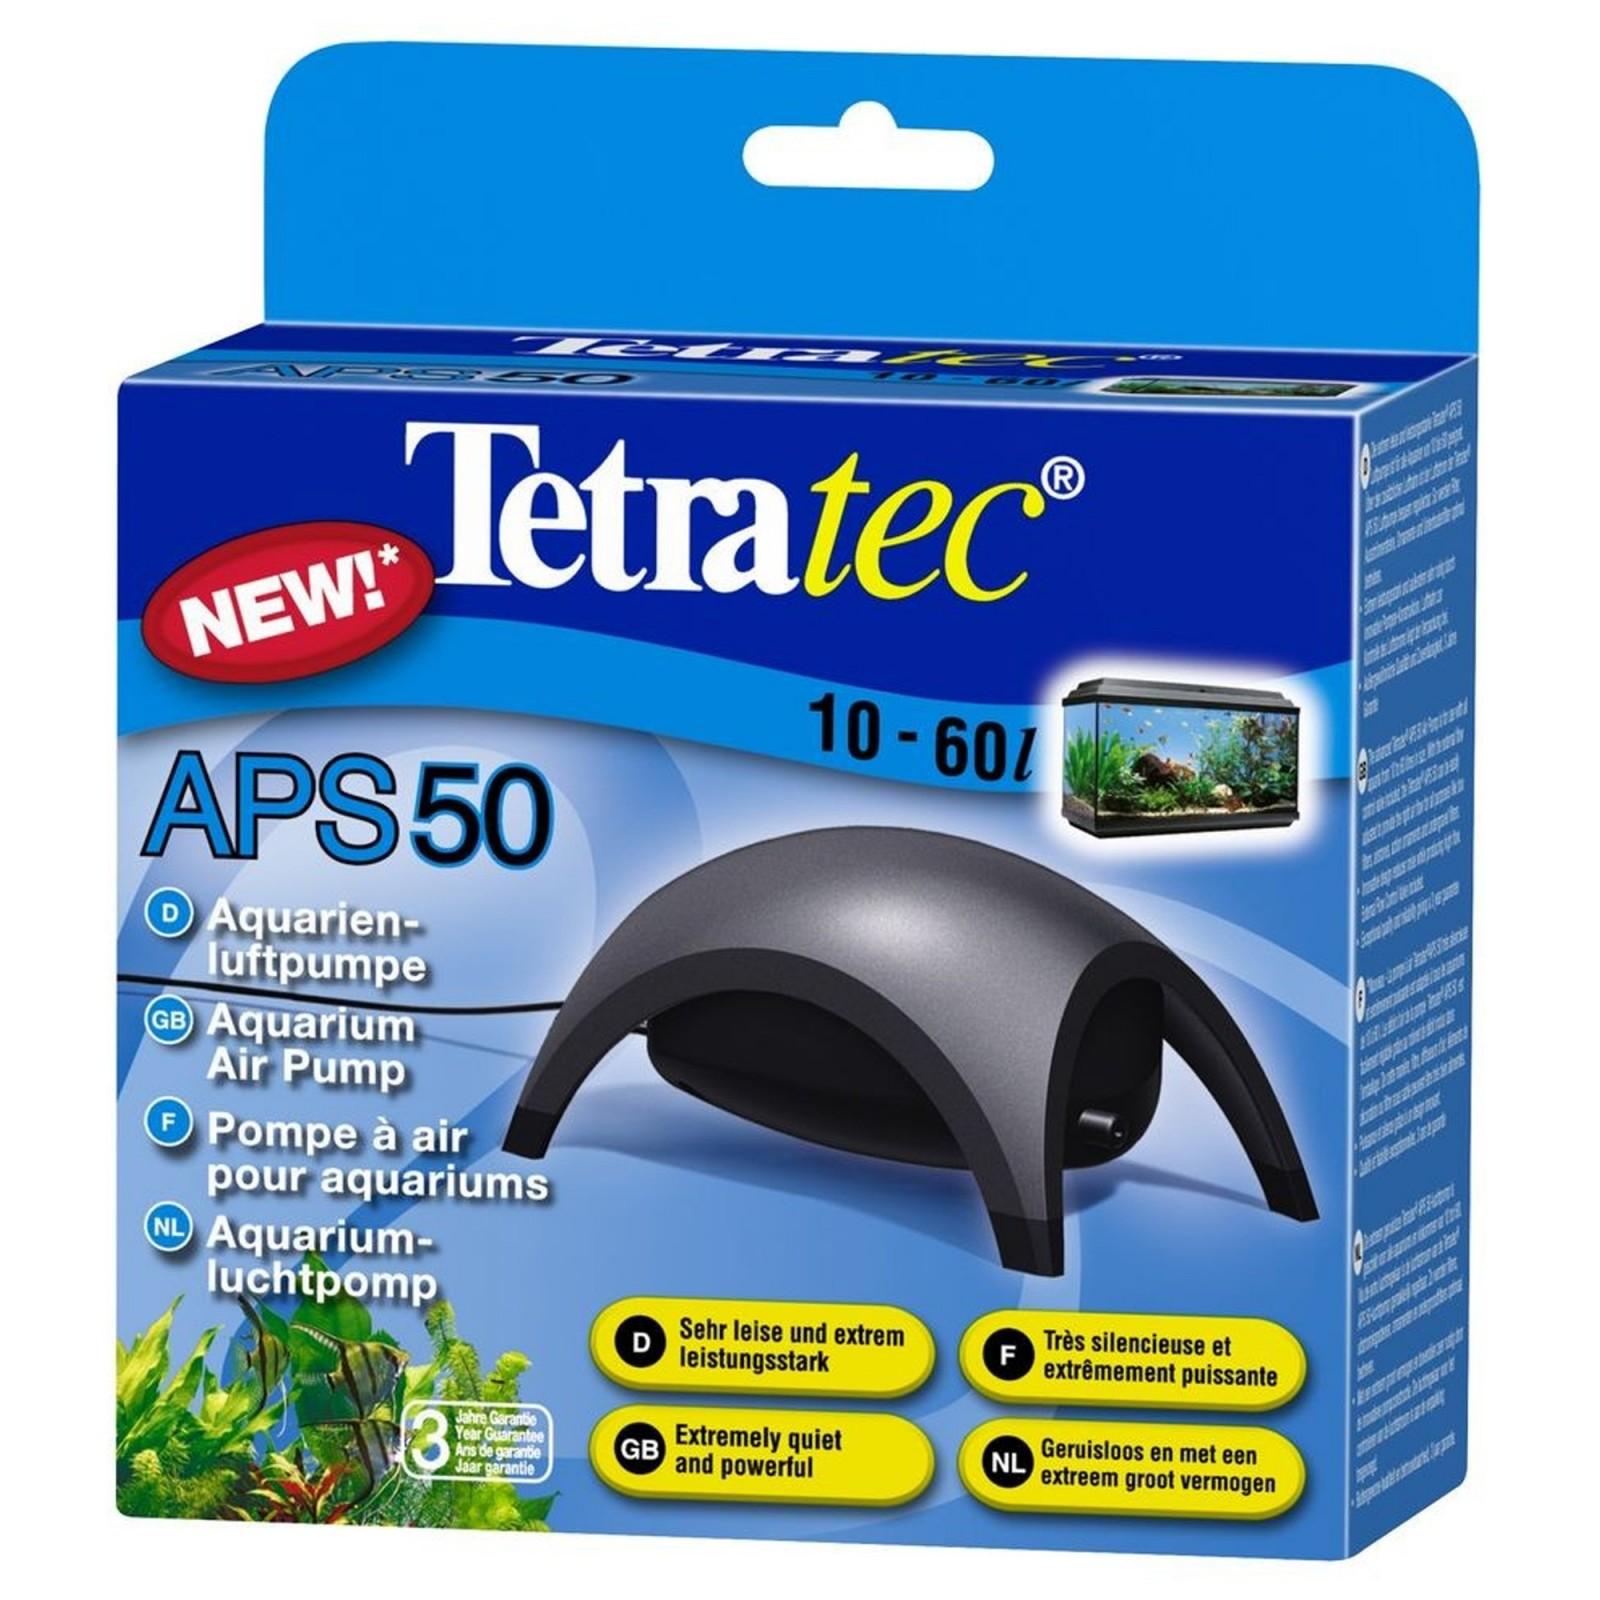 Tetra APS 50 aereatore per acquario 50l/h con rubinetto garanzia 3 anni